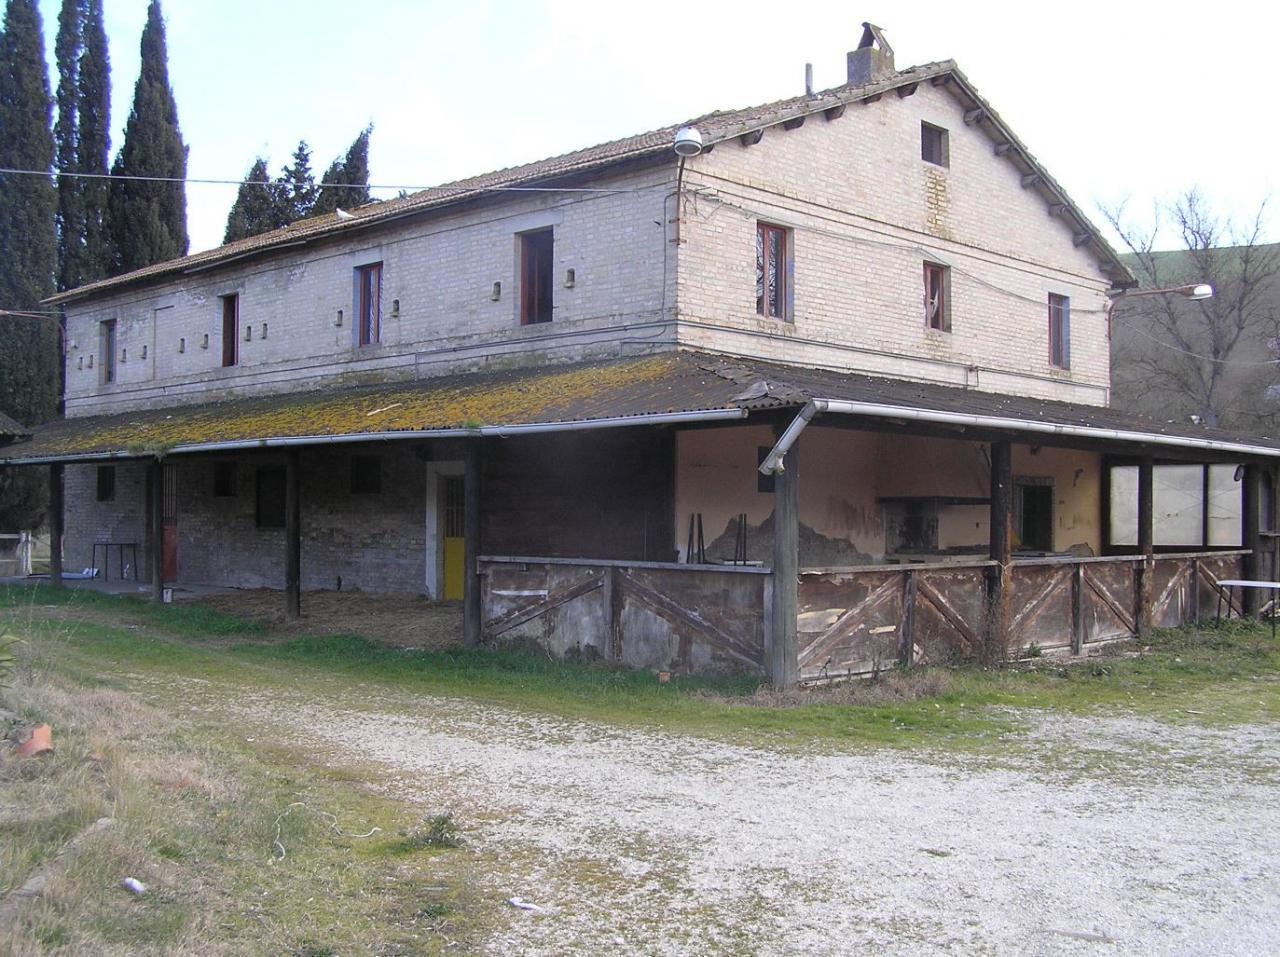 Albergo in vendita a Montefiore dell'Aso, 9999 locali, Trattative riservate | Cambio Casa.it